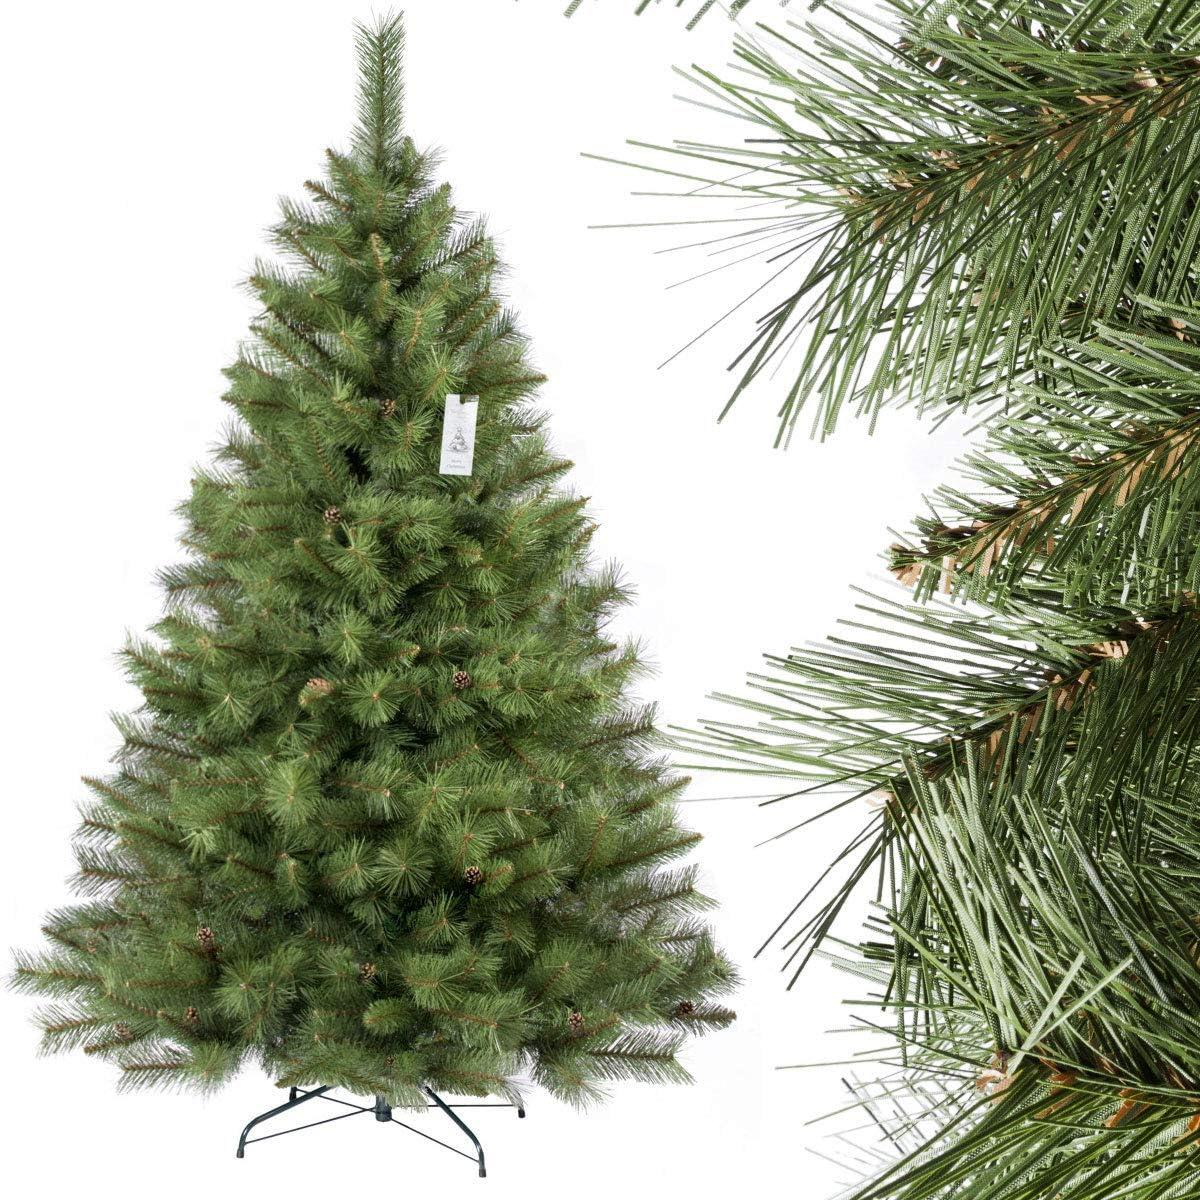 FairyTrees Sapin Arbre de No/êl Artificiel Pin Mati/ère PVC Socle en Bois Naturel Blanc enneig/é Pommes de Pin Vraies 120cm